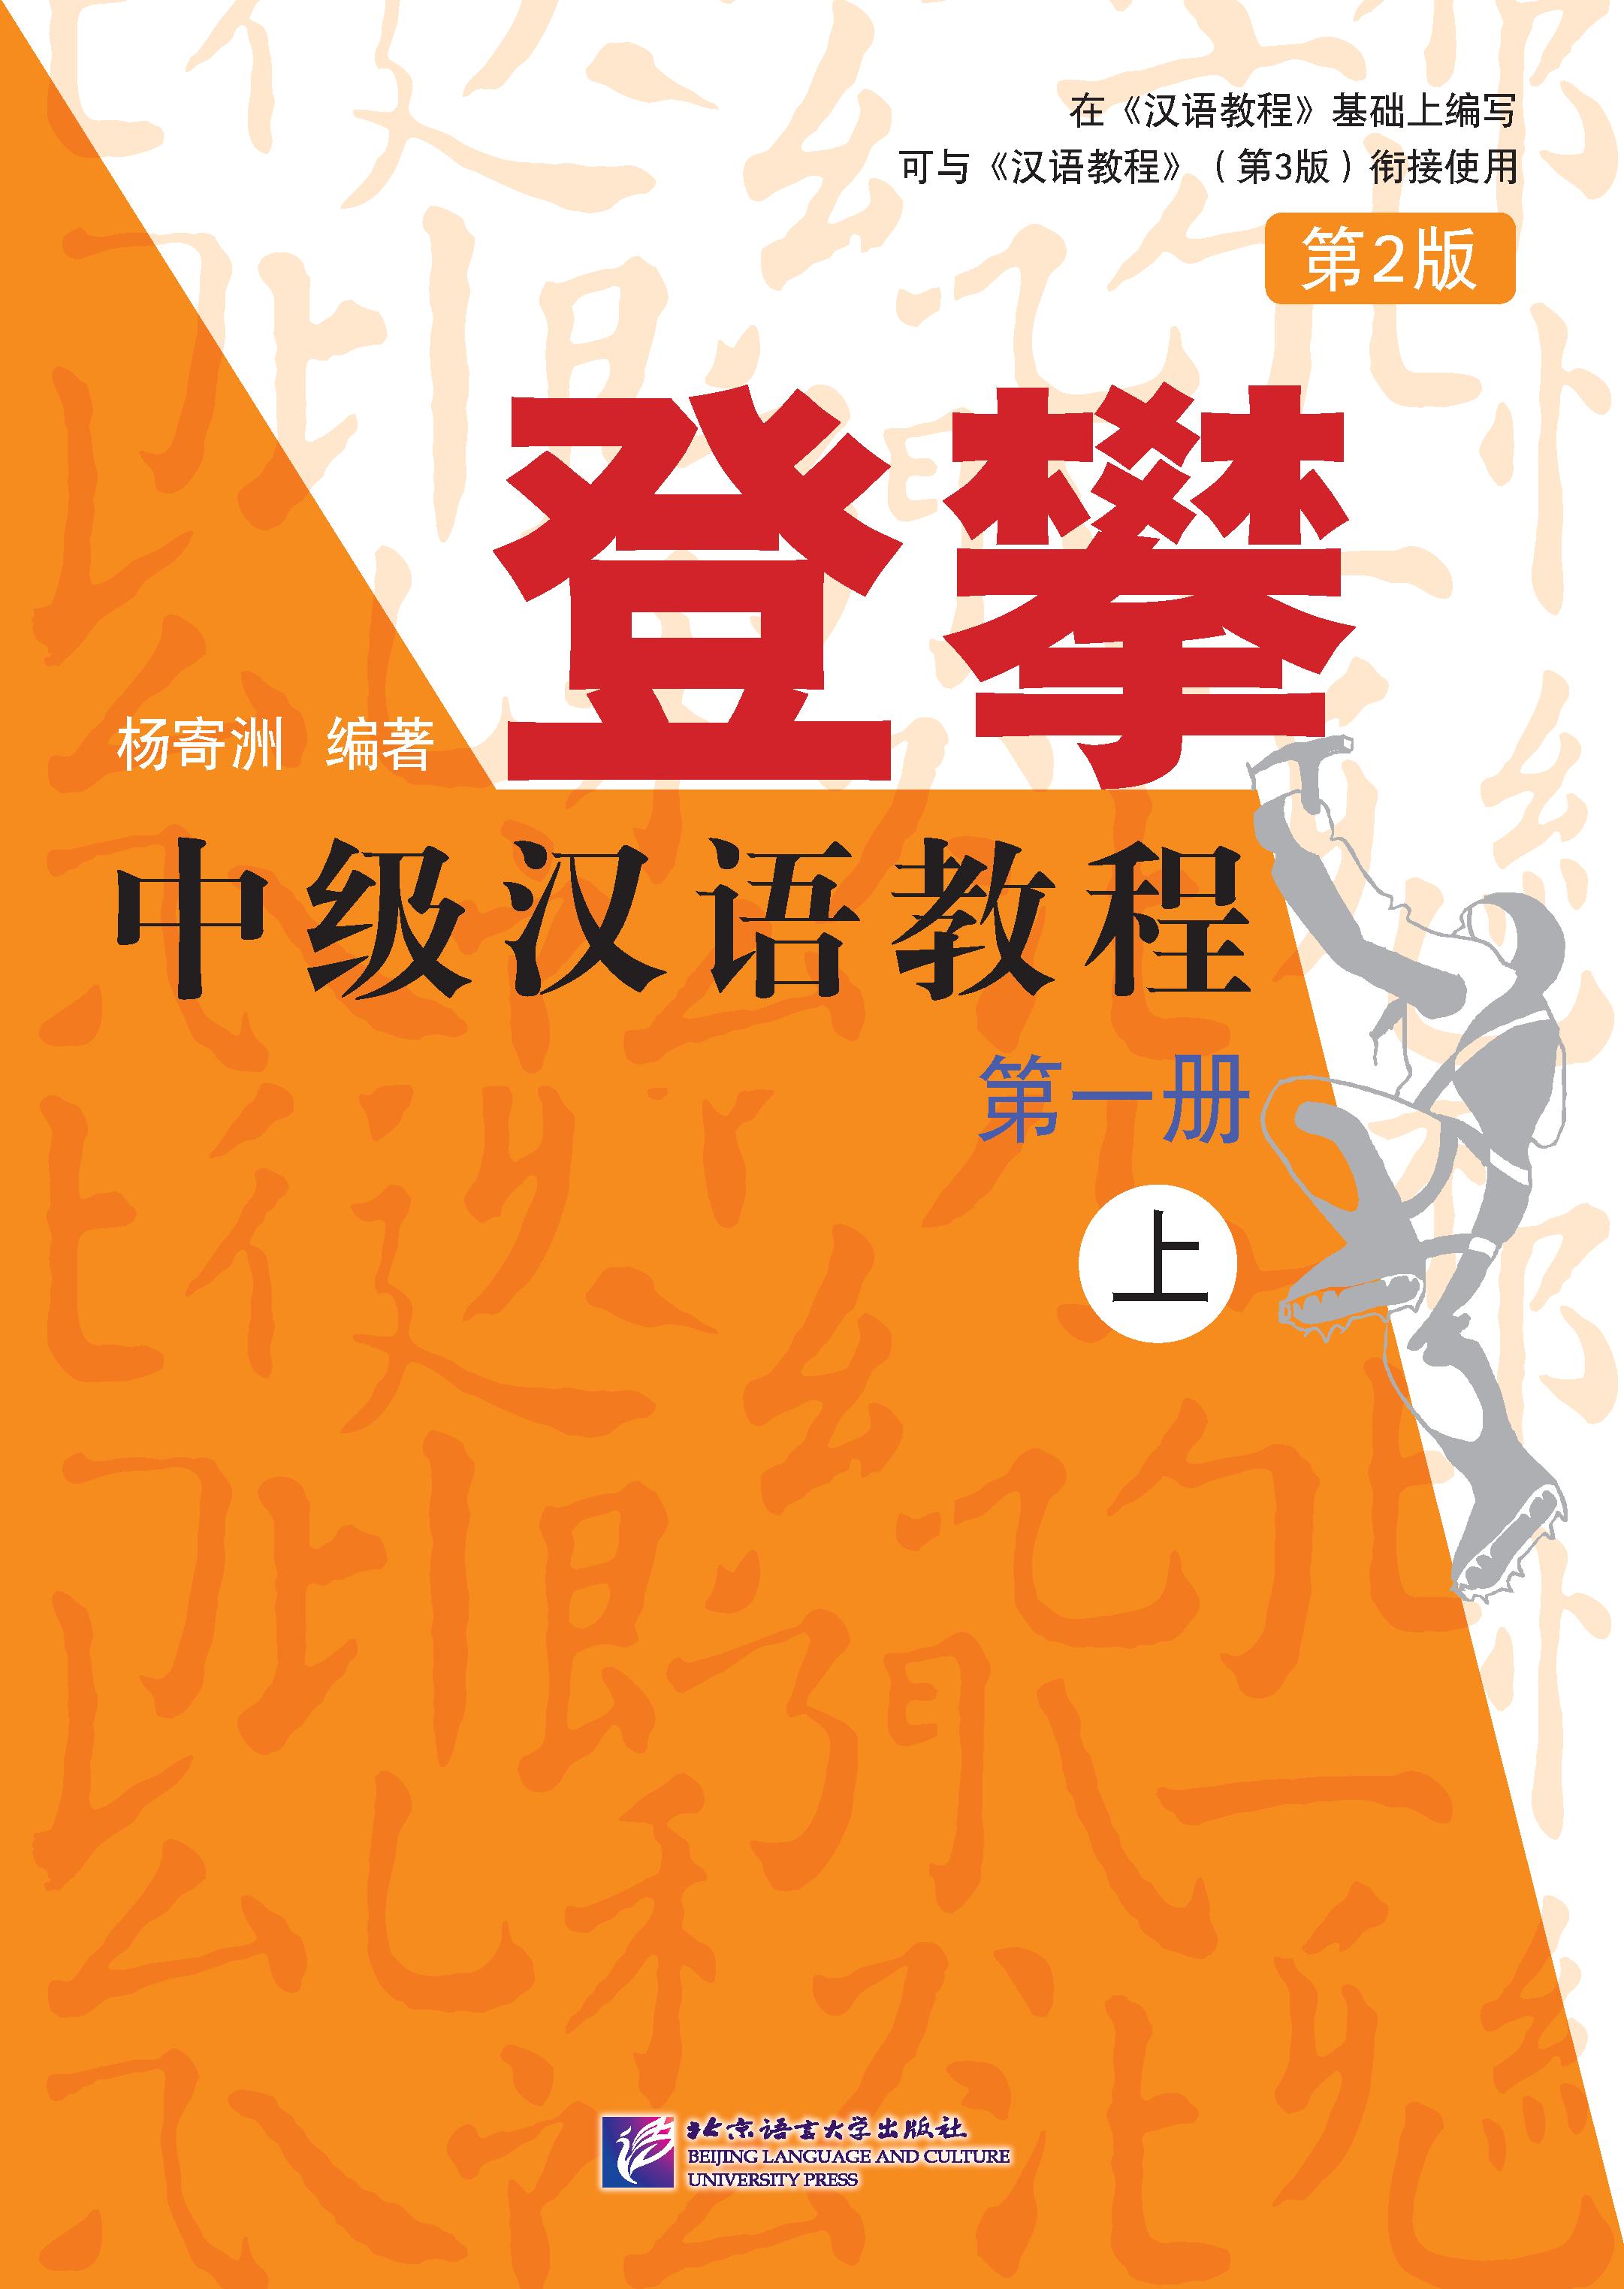 登攀中级汉语教程第一册(上) Climbing Up: An Intermediate Chinese Course Vol. 1-1